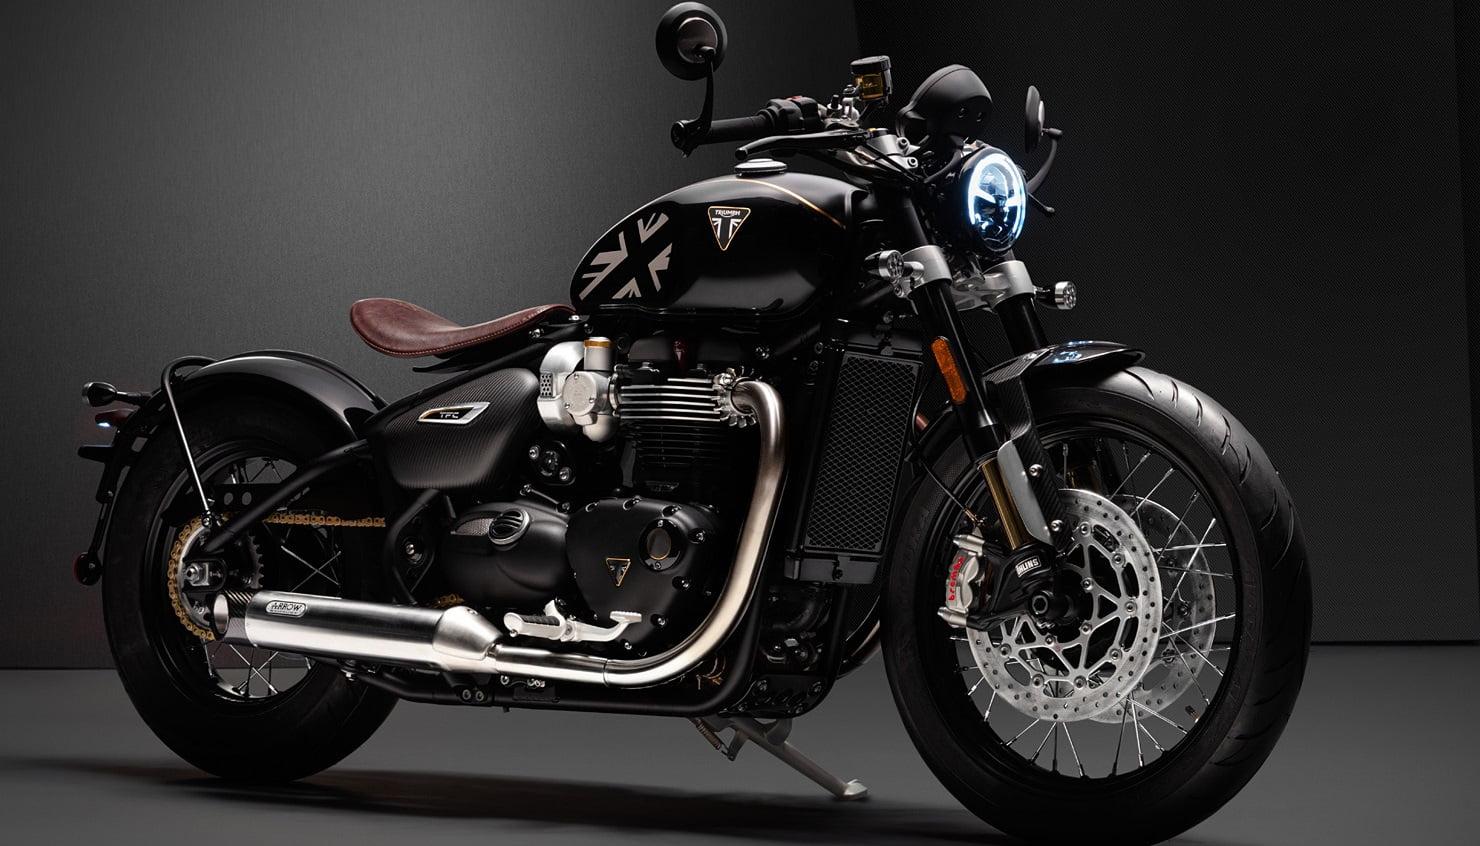 S počtom vyrobených 750 kusov je Triumph Bobber TFC jedným z najexkluzívnejších a najvýnimočnejších motocyklov kategórie Modern Classics. Súčasťou príbalu je aj osobne podpísaný certifikát od CEO Triumph Nicka Bloora, výnimočná Bobber…